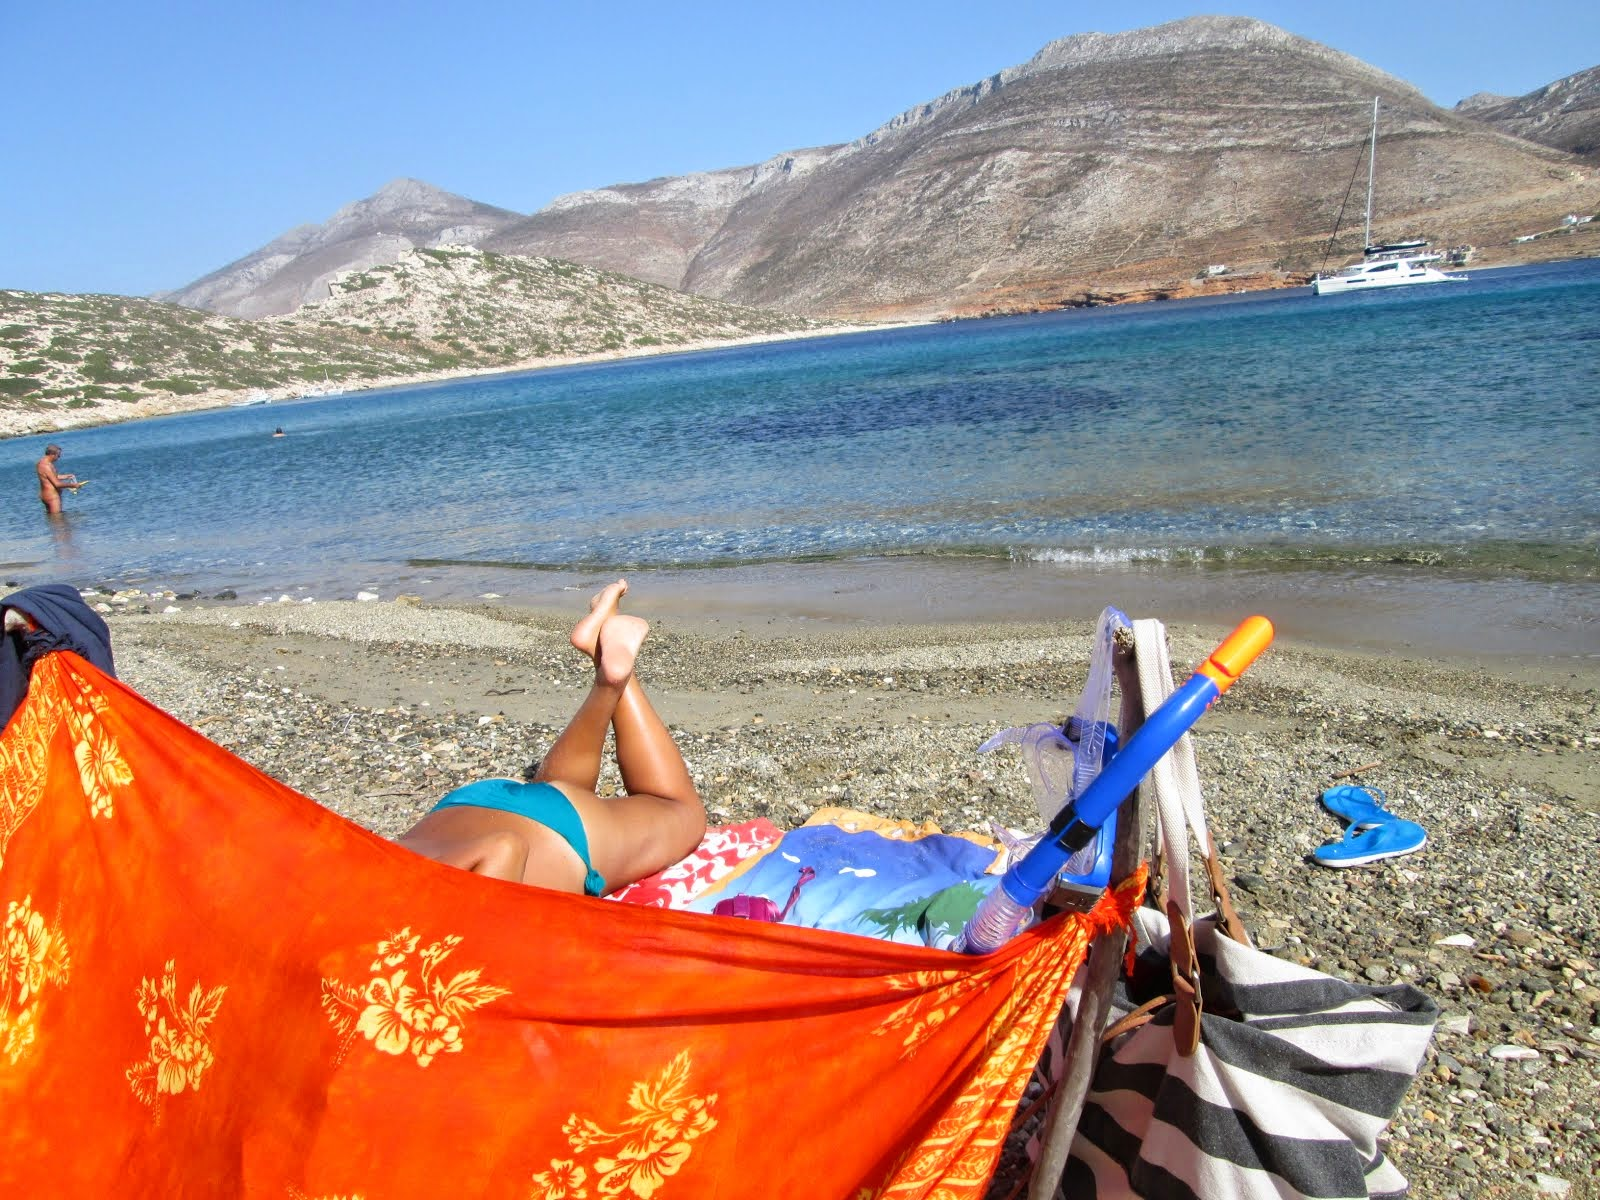 un pezzo di mare, un buon libro, una capanna arrangiata, il sole che ti cuoce la pelle...